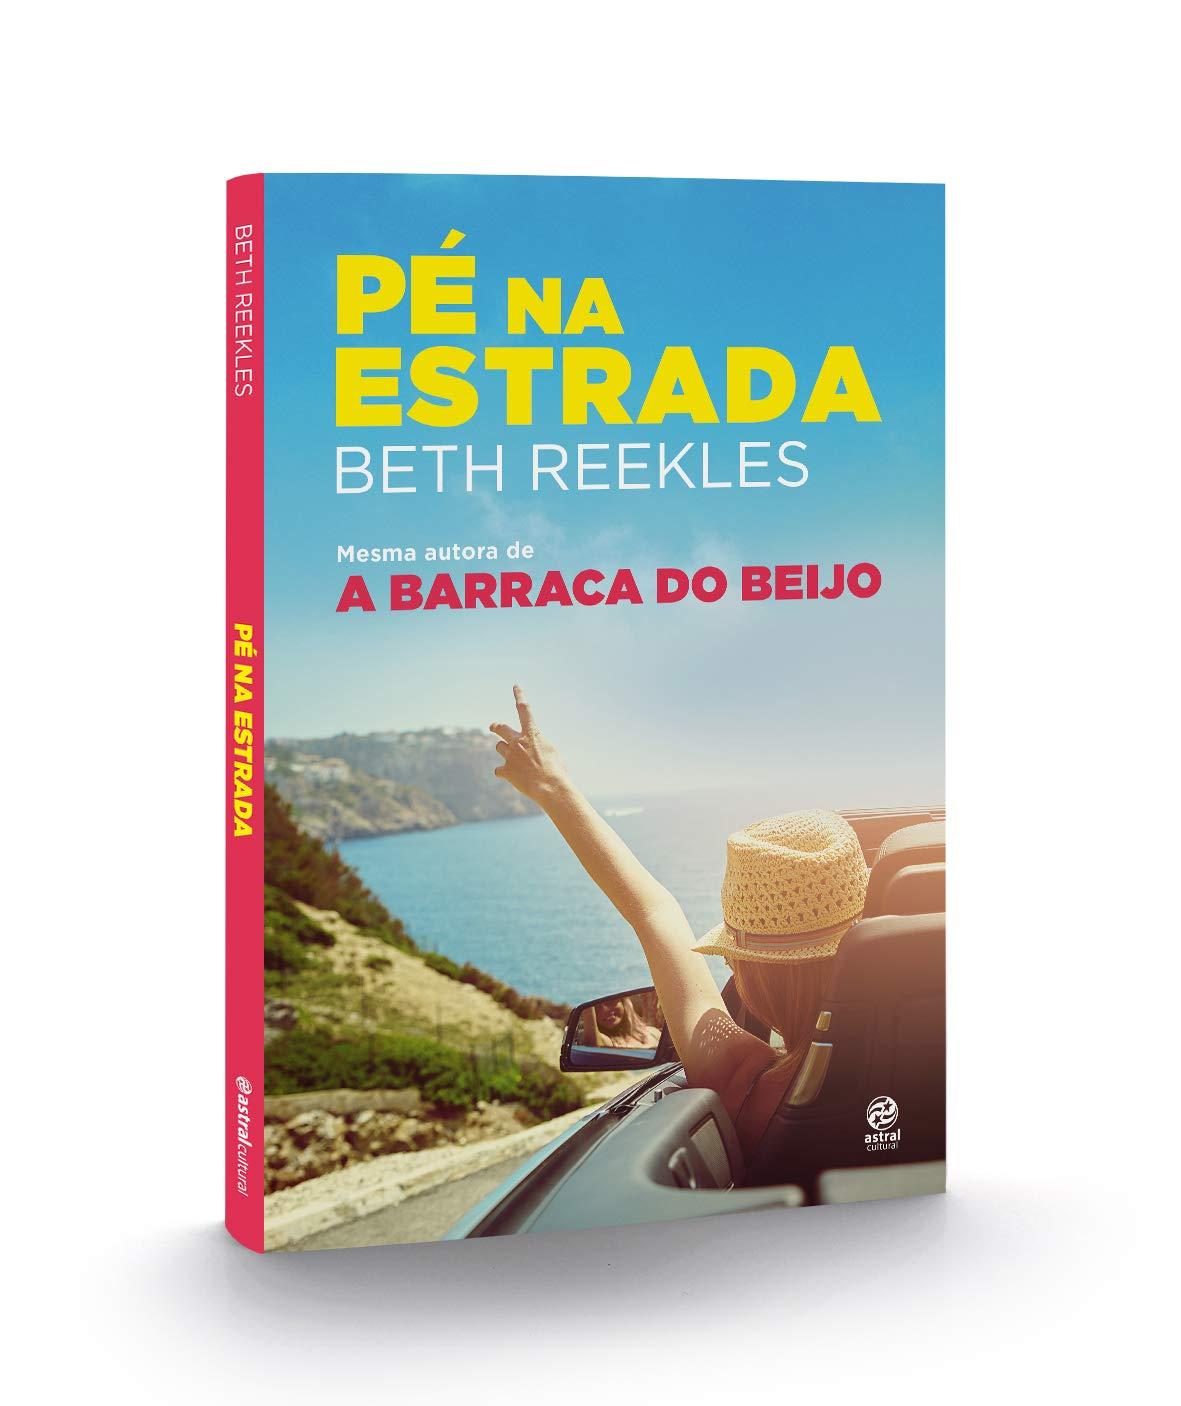 PÉ NA ESTRADA - MESMA AUTORA DE A BARRACA DO BEIJO